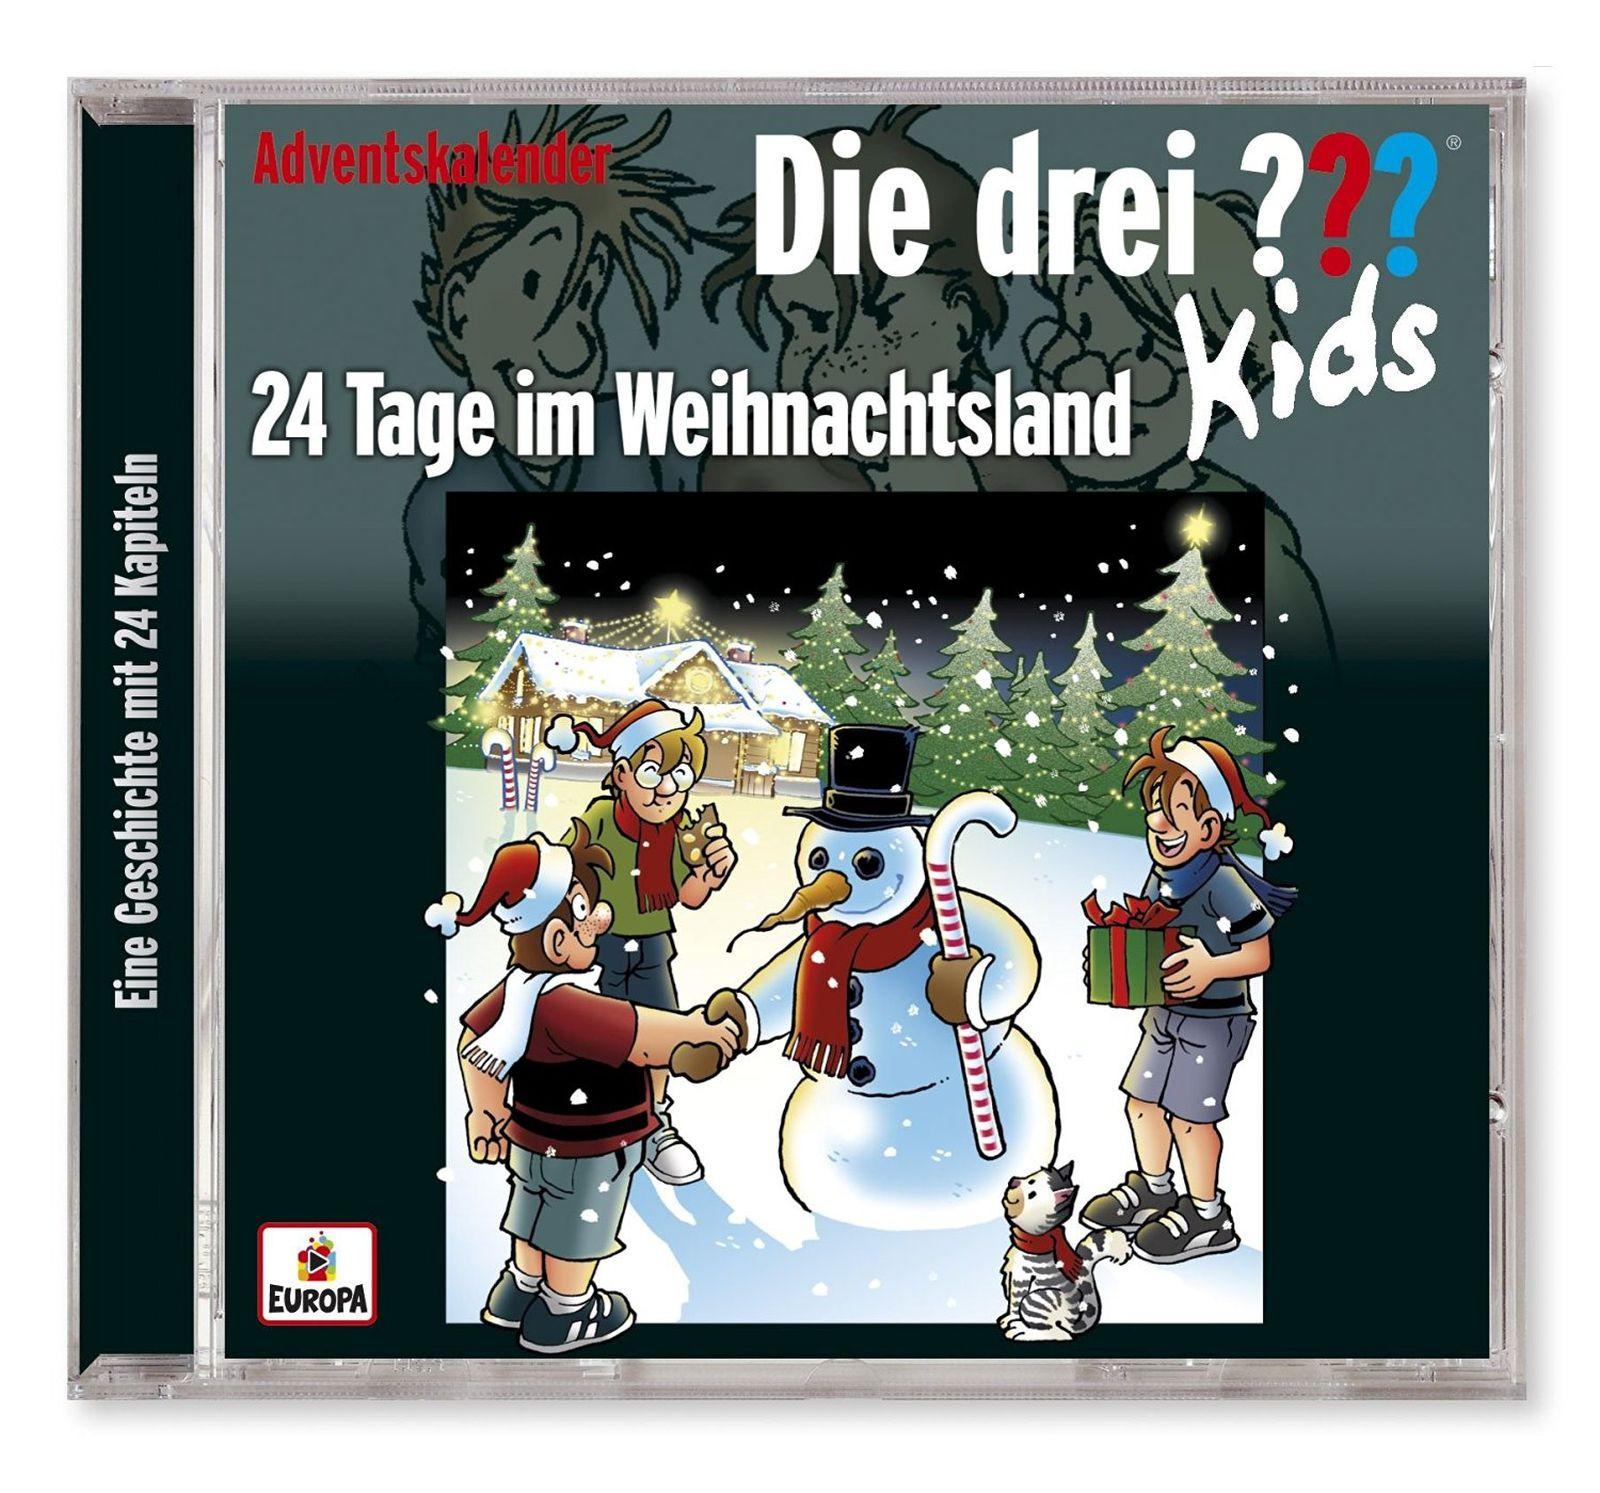 Die drei ??? Kids: Adventskalender 2016 - 24 Tage im Weihnachtsland (2 CD)